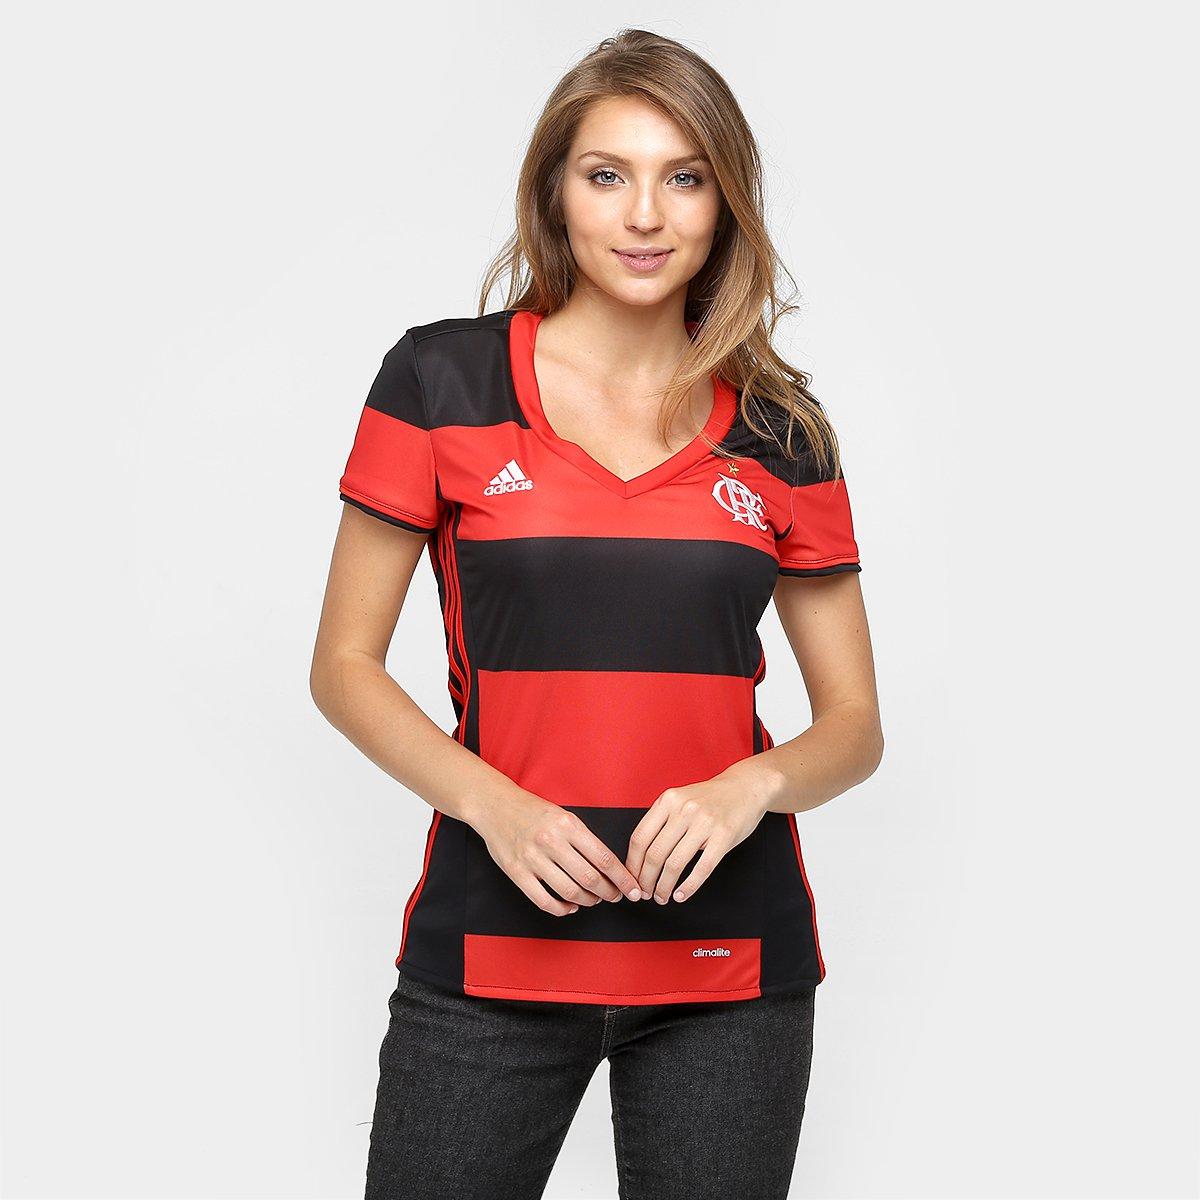 48eed2479f6c Camisa Feminina Adidas Flamengo I 2016 s/nº - Preto e Vermelho